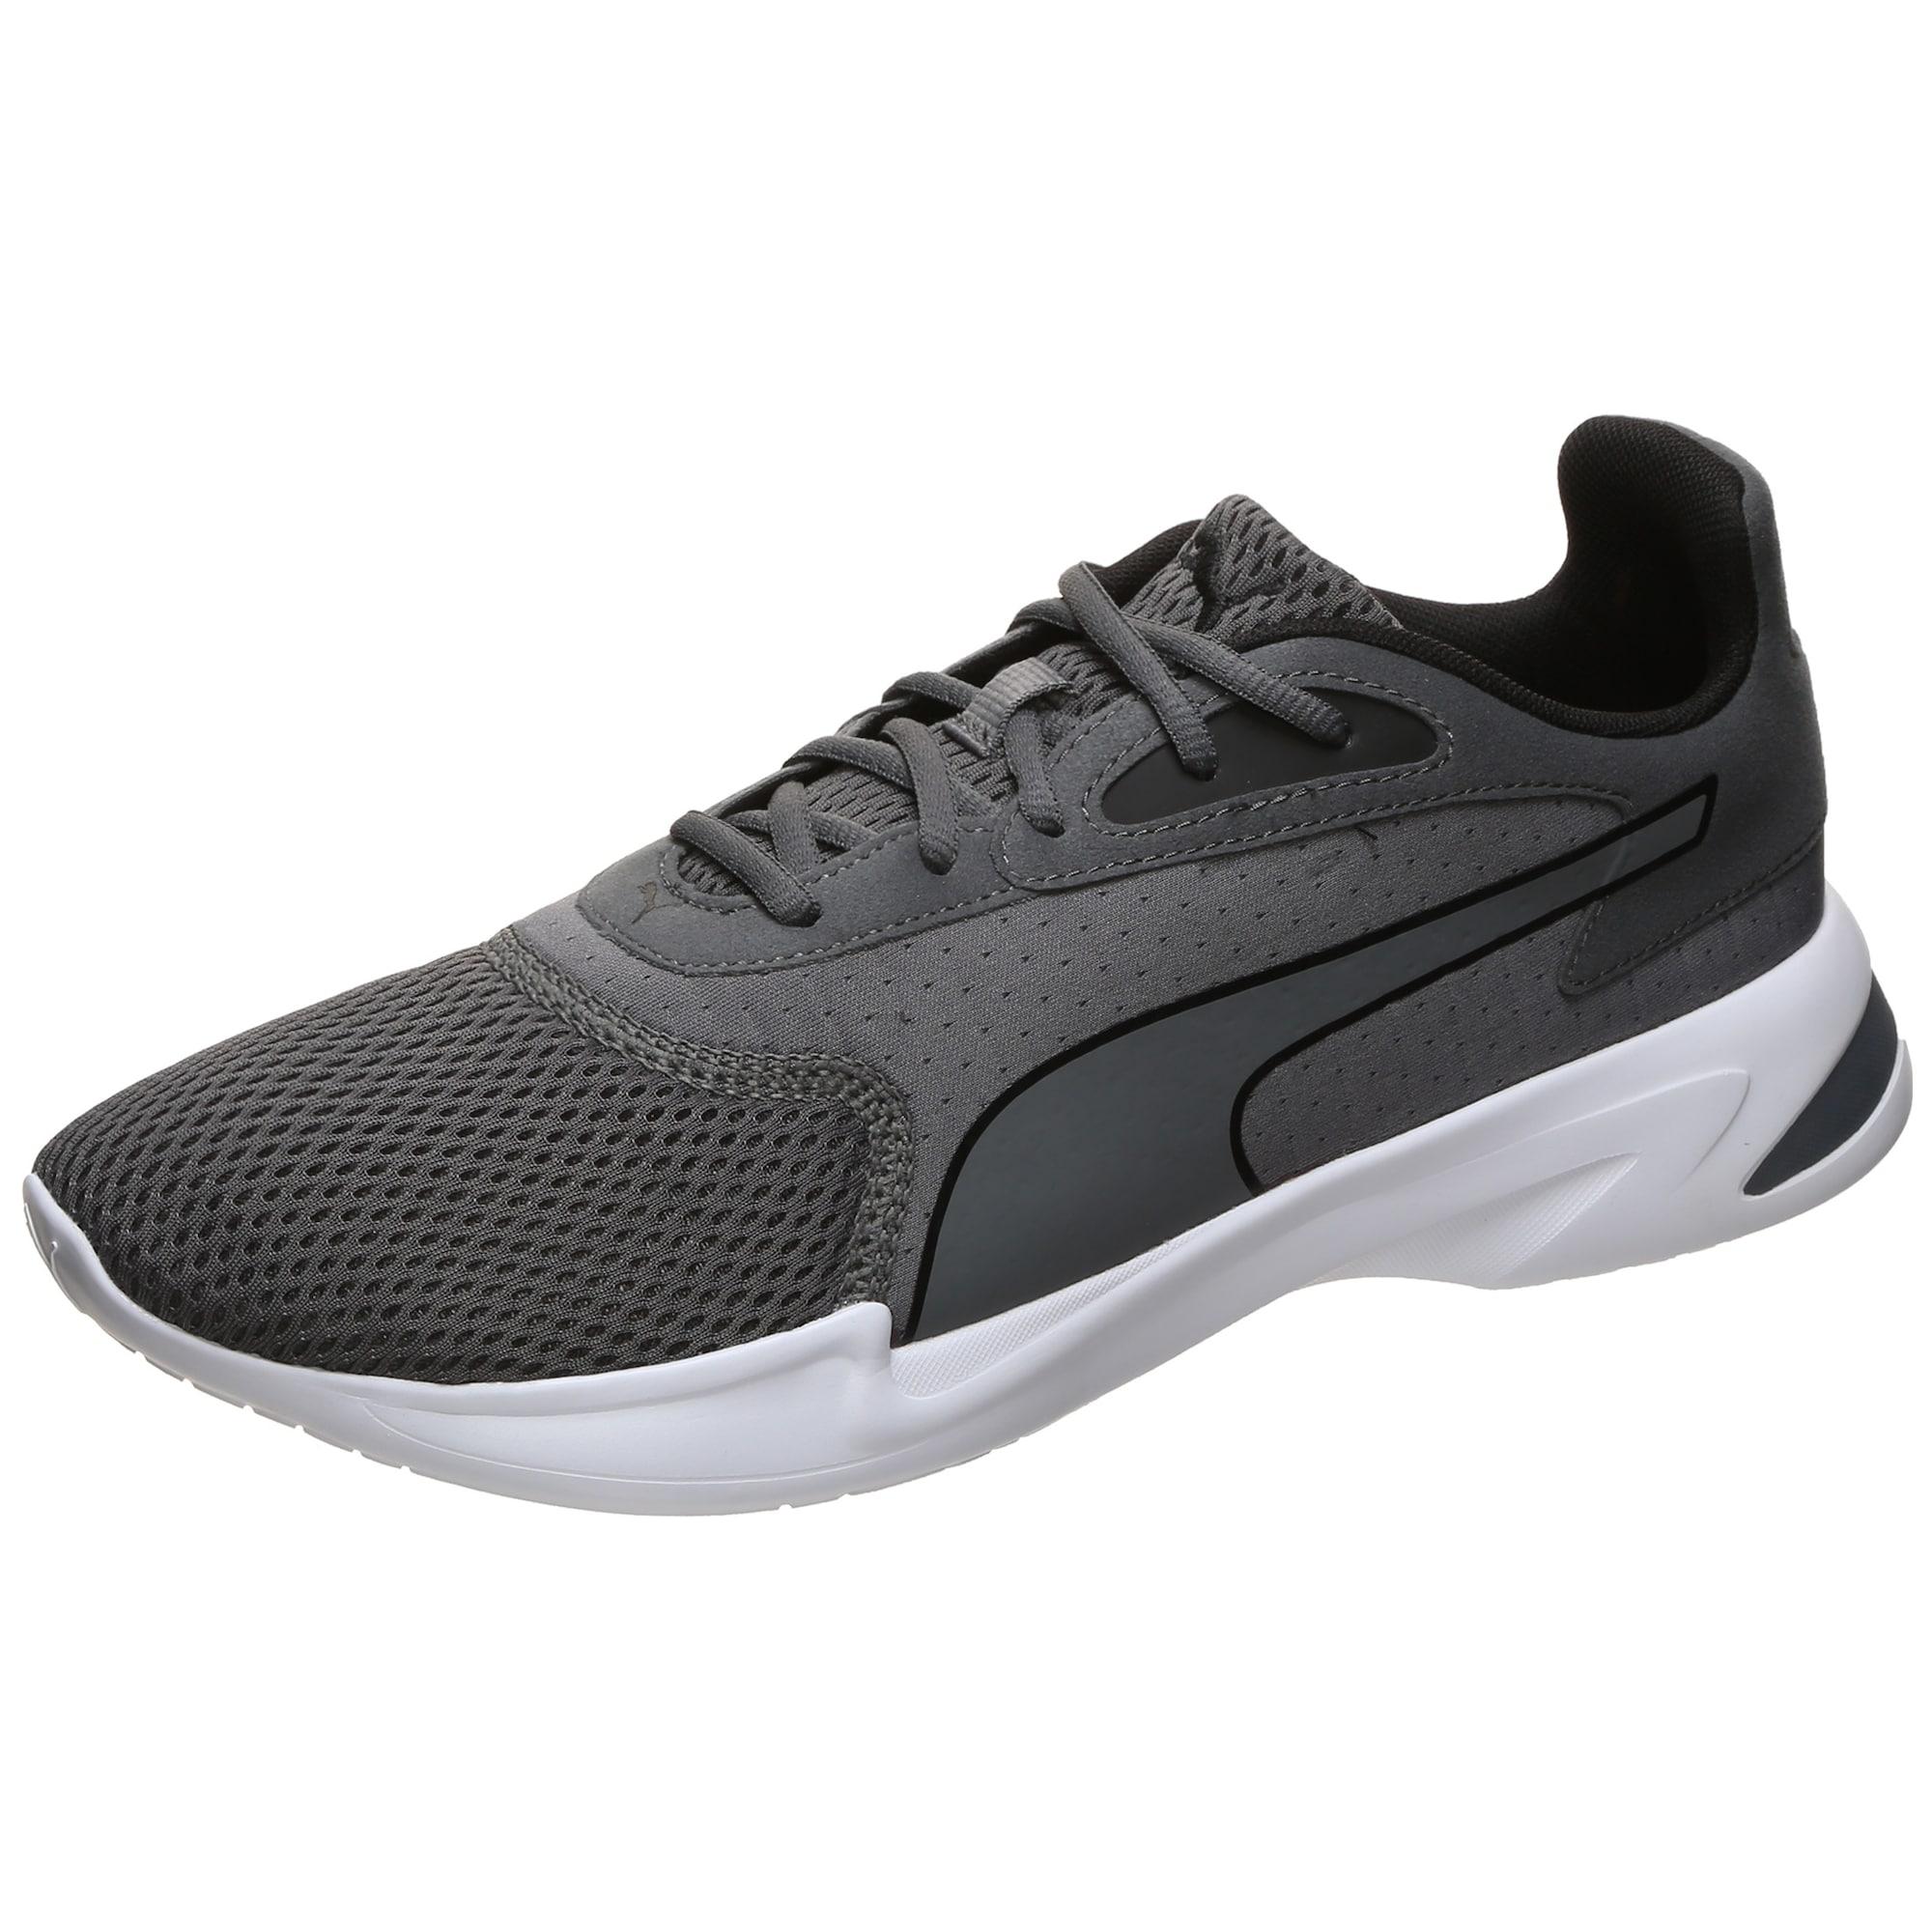 PUMA Bėgimo batai 'Jaro' antracito